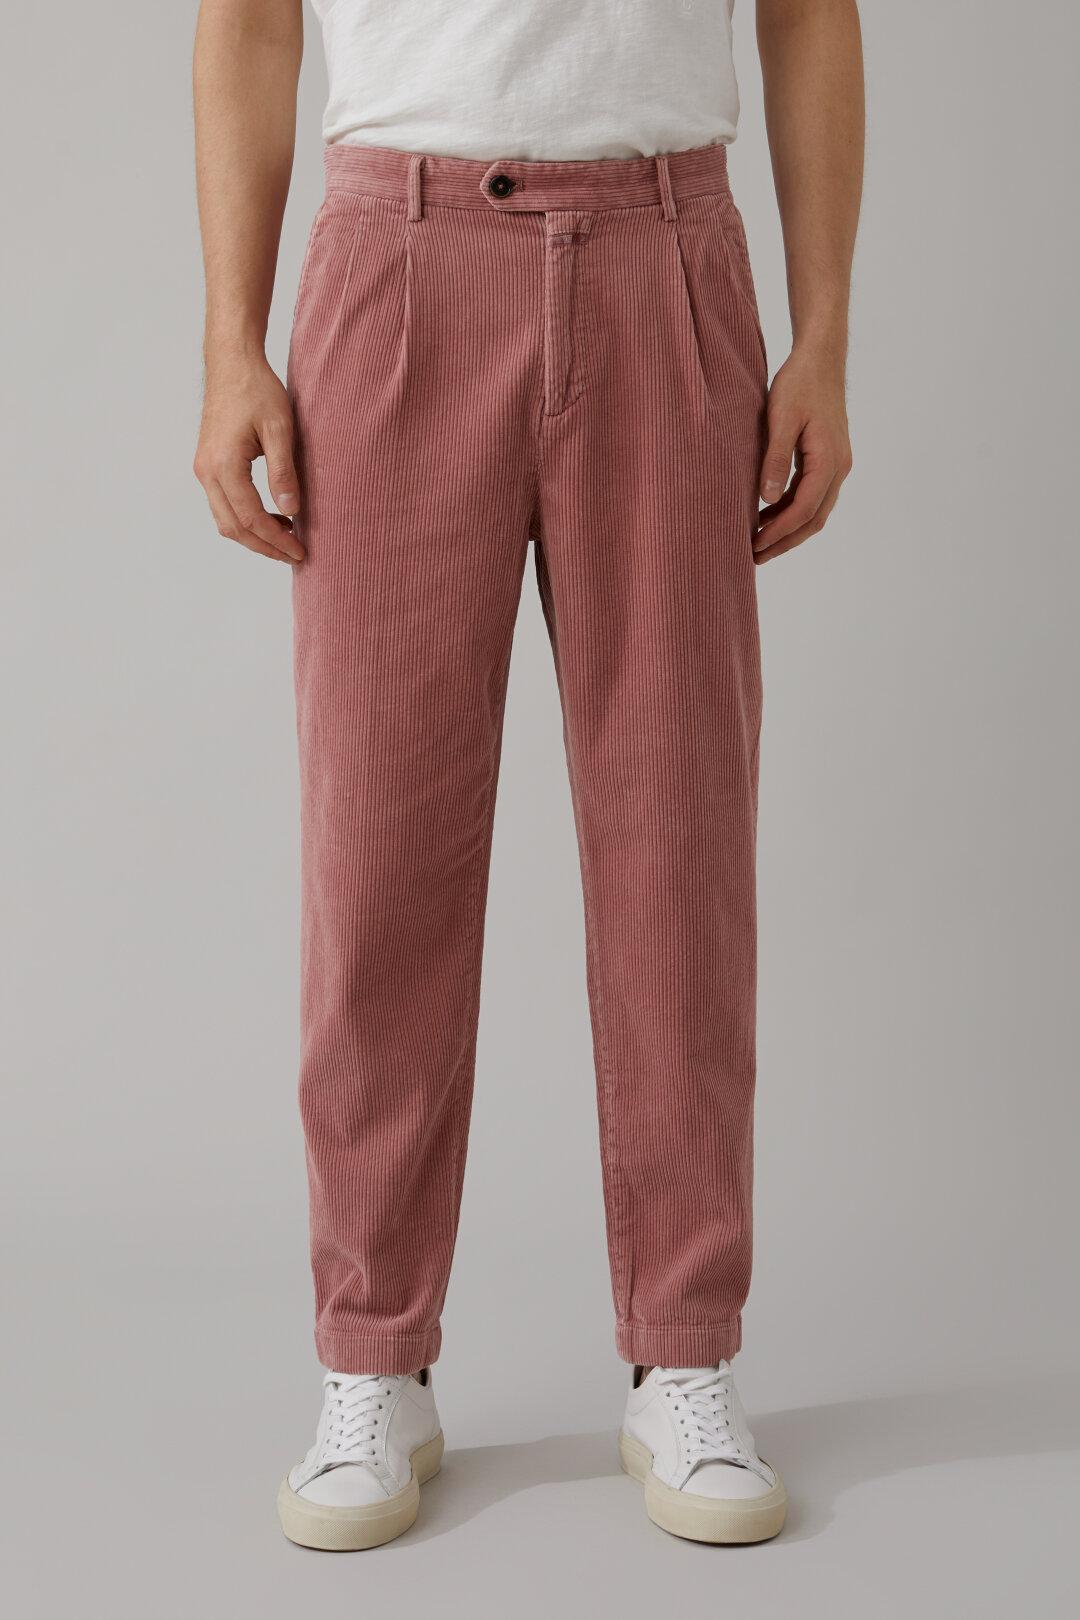 Baron Wide Corduroy Pants